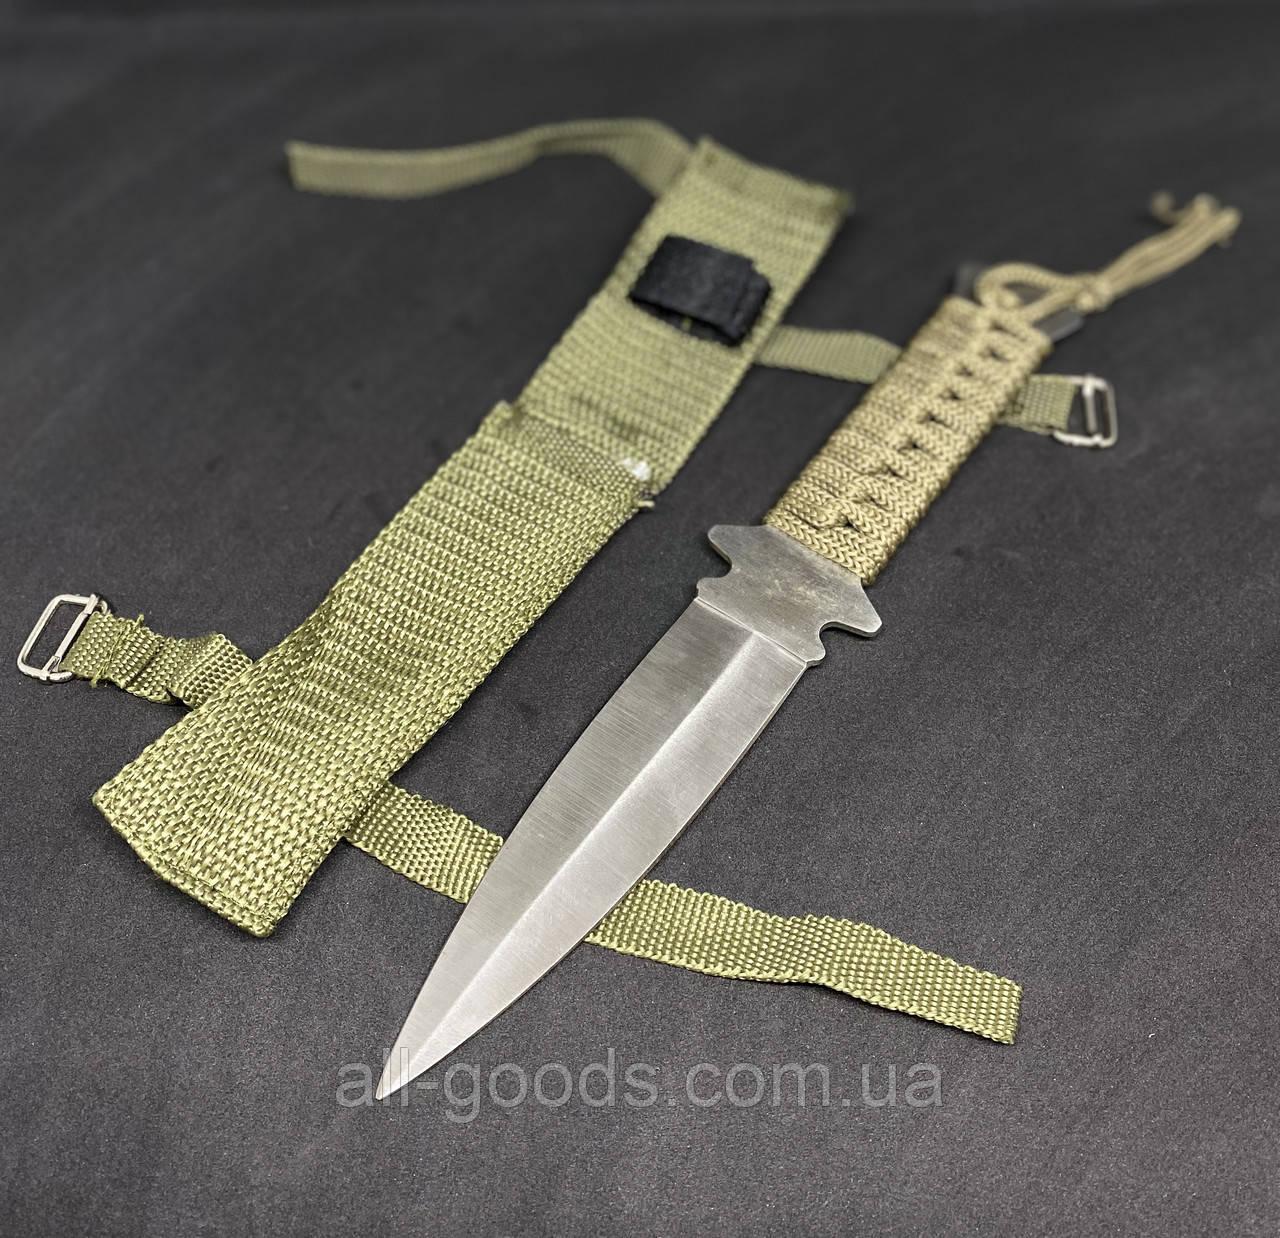 Ніж метальний 22 см АХ-320. Тактичний ніж для метання з чохлом. Ніж для полювання, риболовлі та туризму.